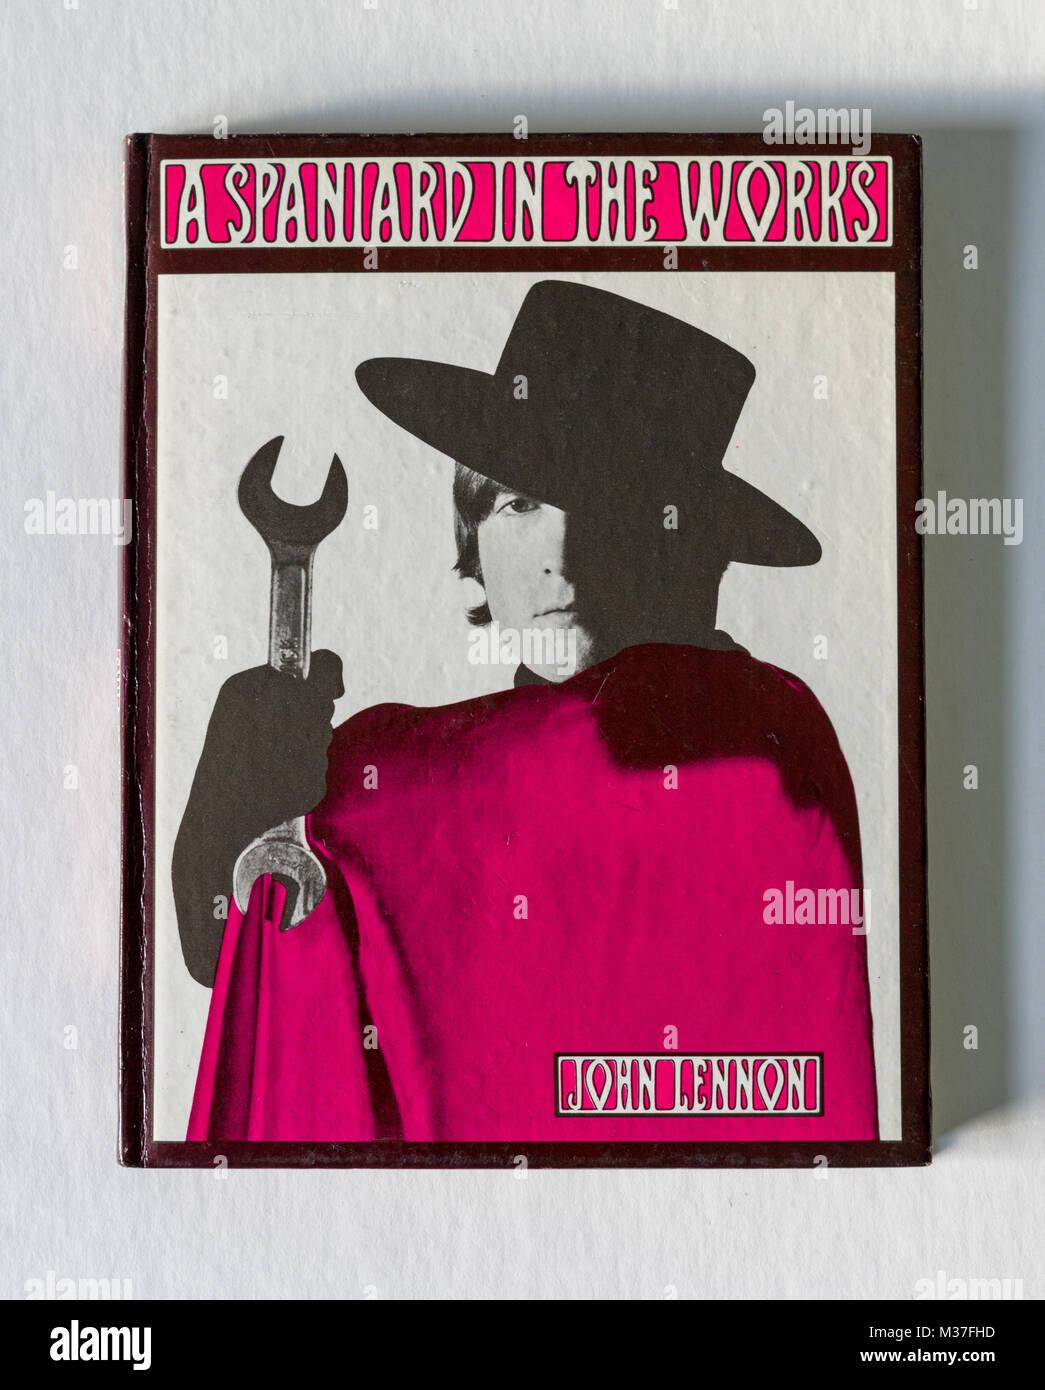 Un espagnol dans les Œuvres, un livre de John Lennon, publié en 1965, composé d'histoires fantasques Photo Stock